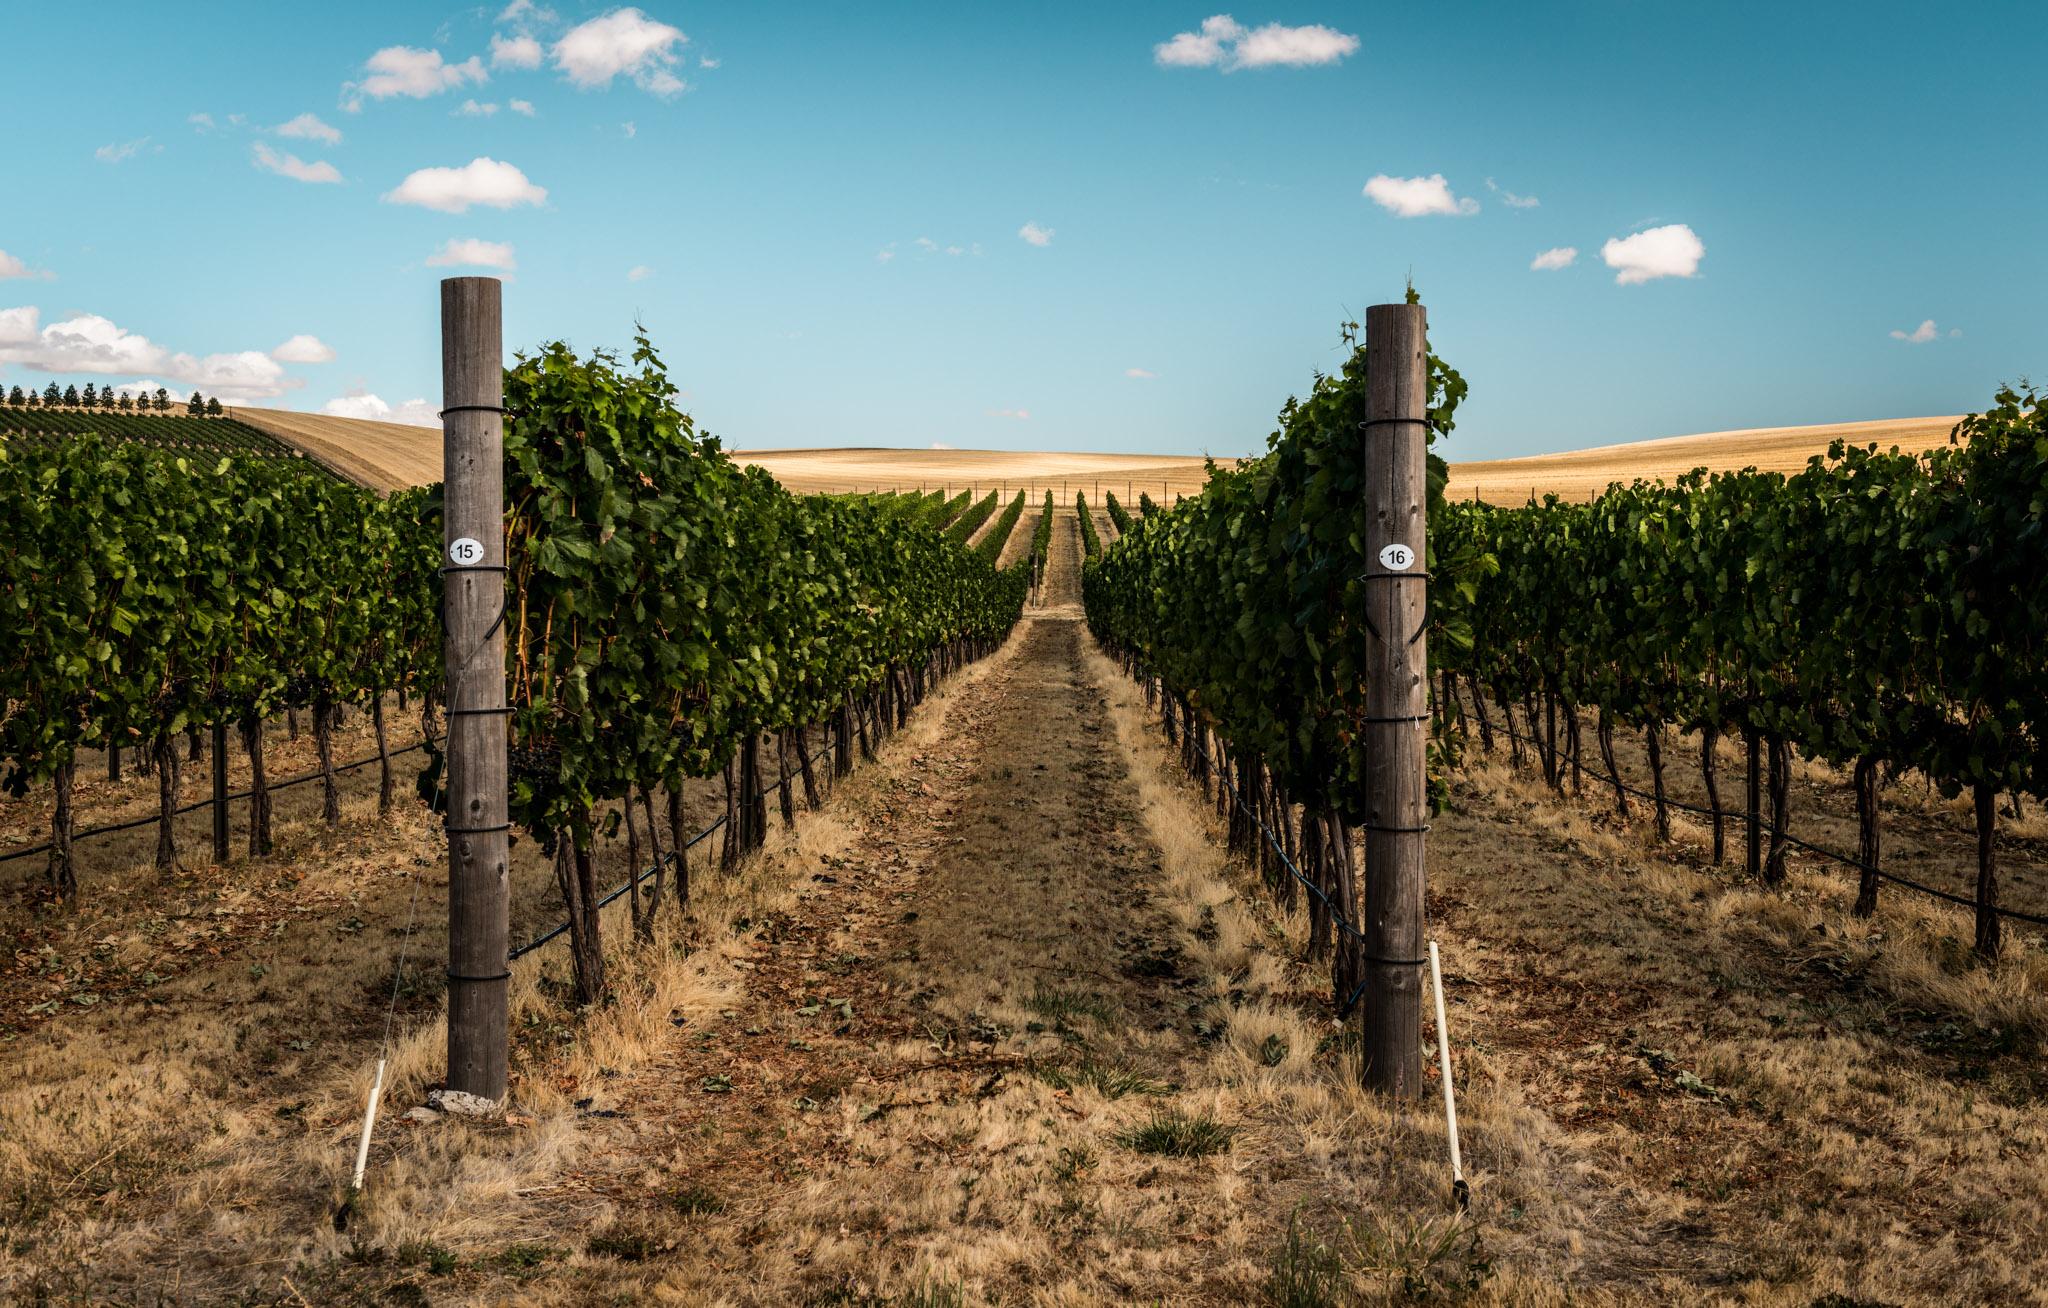 US : Washington : Vineyards at aMaurice Cellars in Walla Walla's Mill Creek area